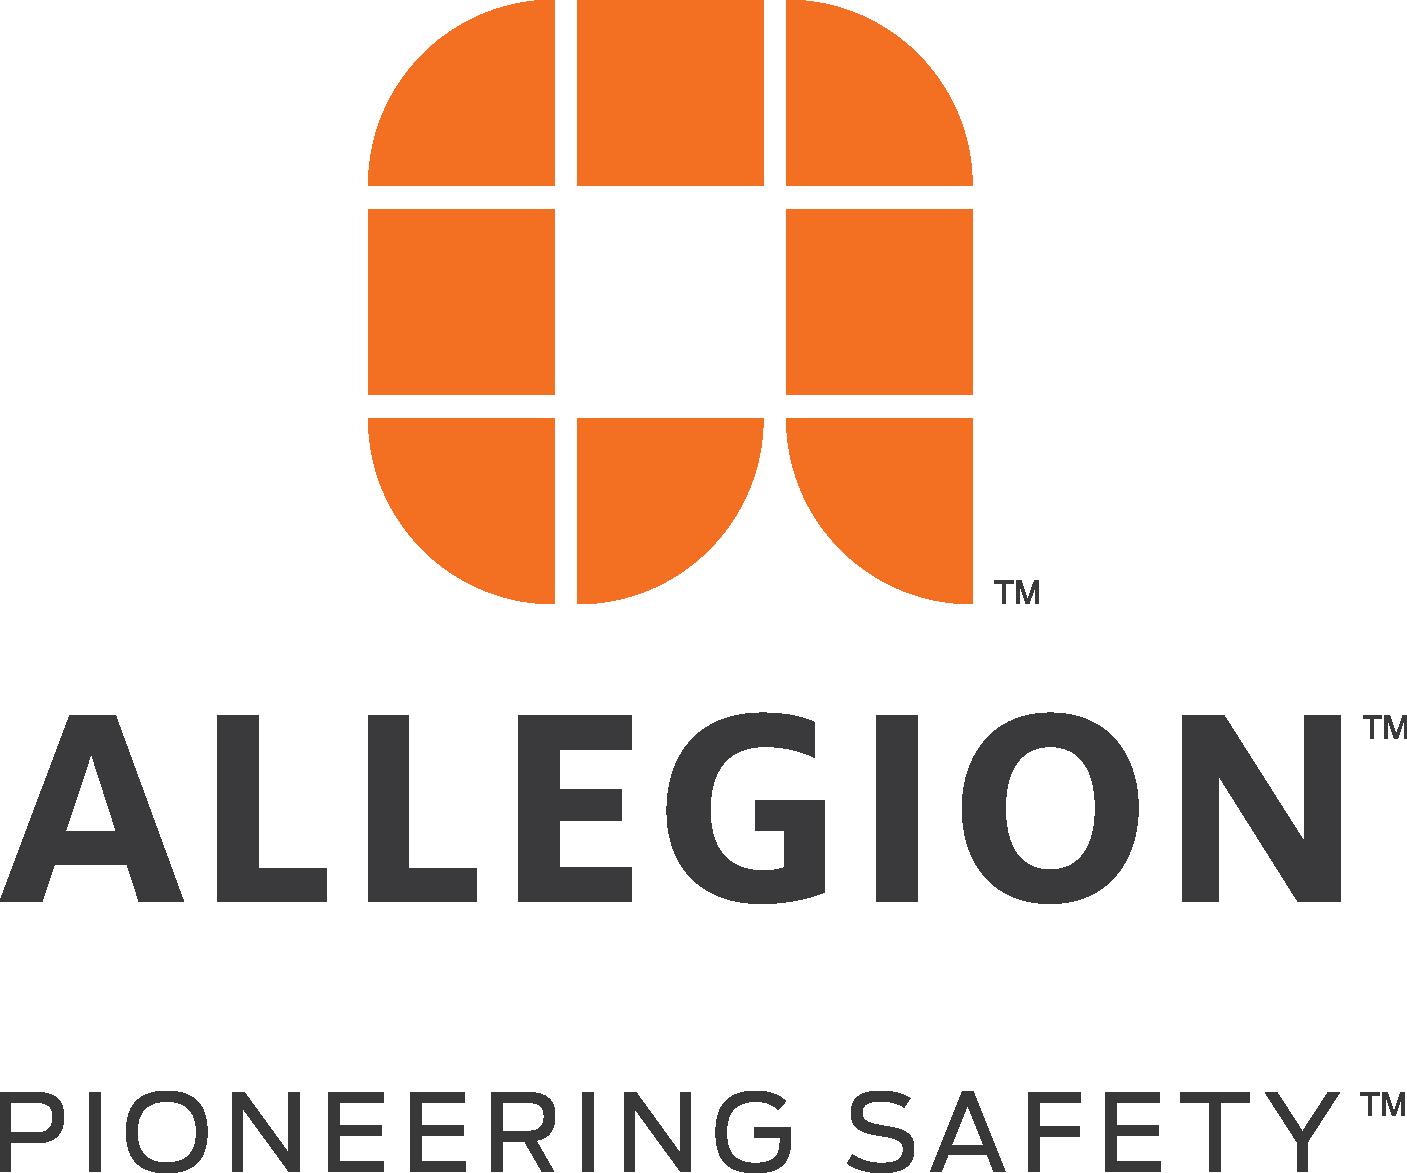 allegion logo steelcraft puertaautomatica.mx